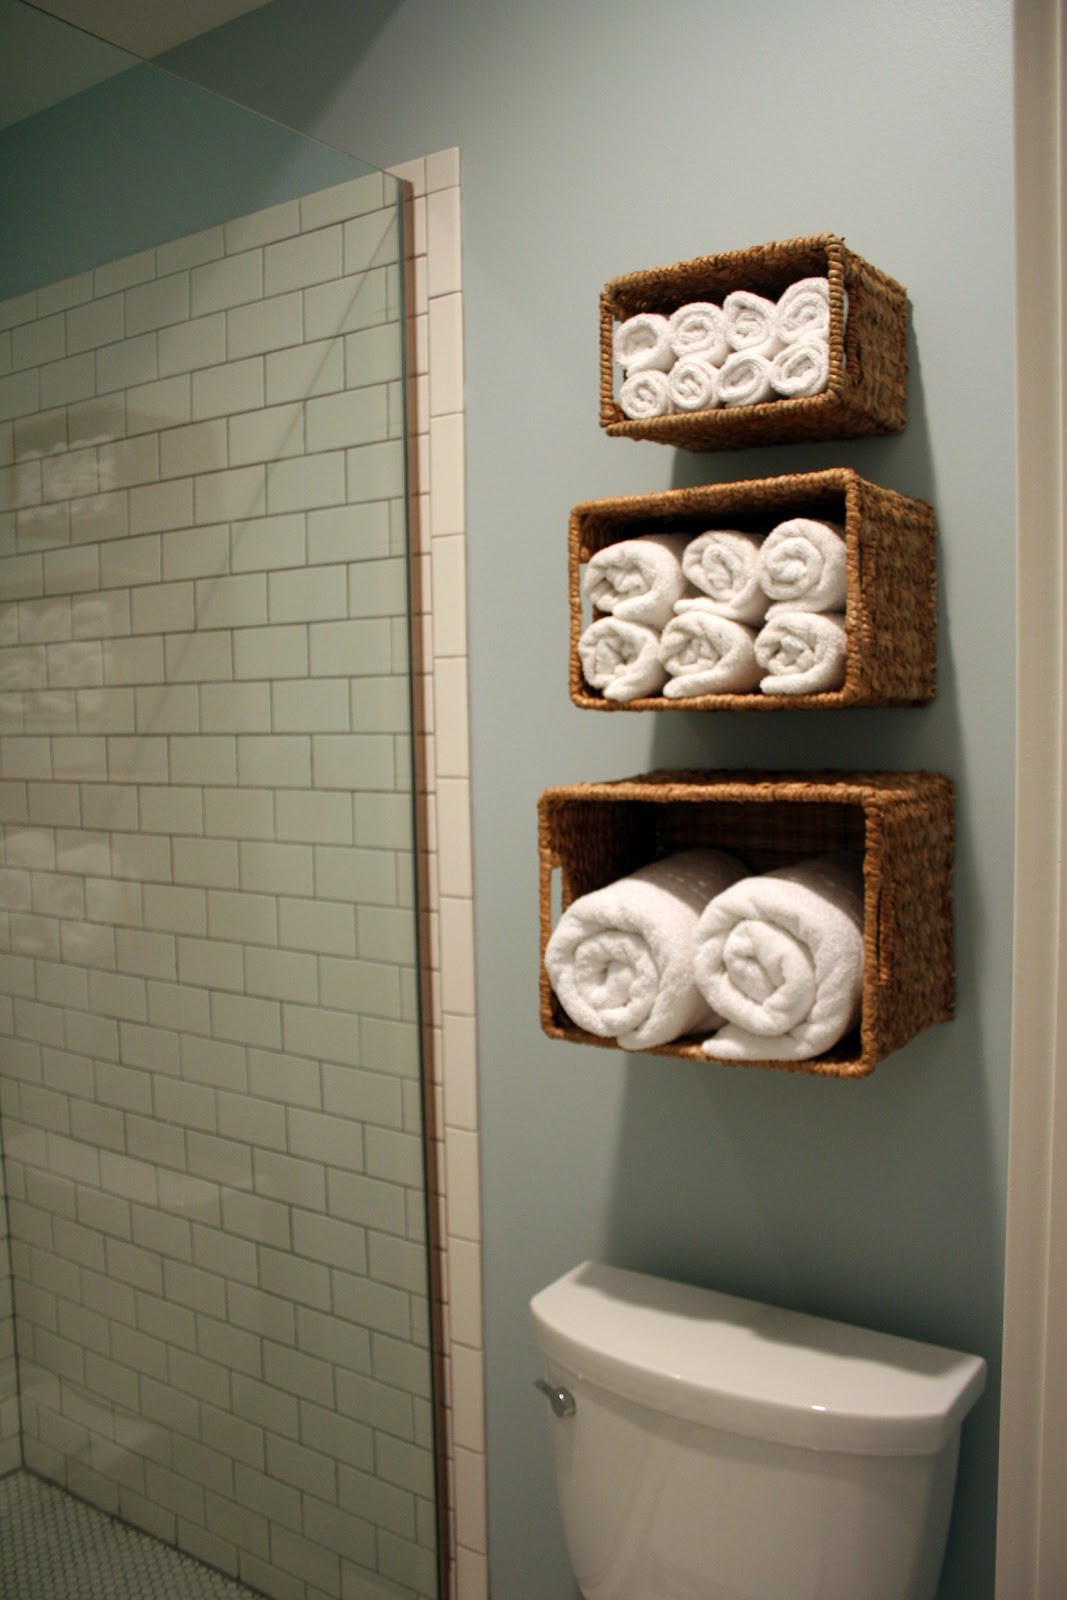 Организация пространства в ванной комнате фото 12